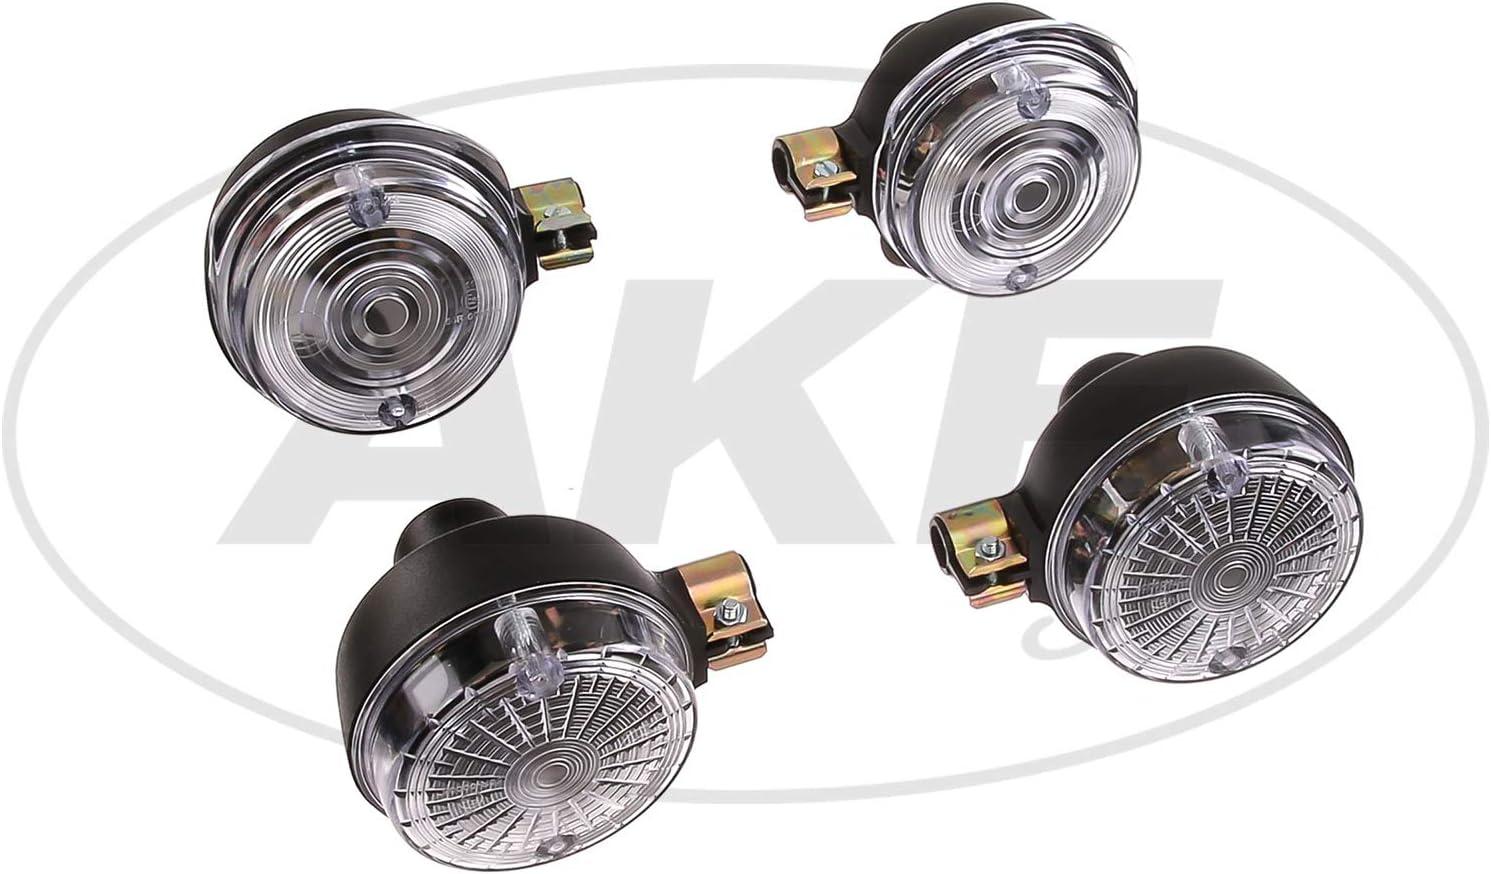 Mza Fahrzeugelektrik Set 4 Blinker Rund In Schwarz Mit Weißem Glas Simson S50 S51 S70 Sr50 Sr80 Mz Etz Ts Auto